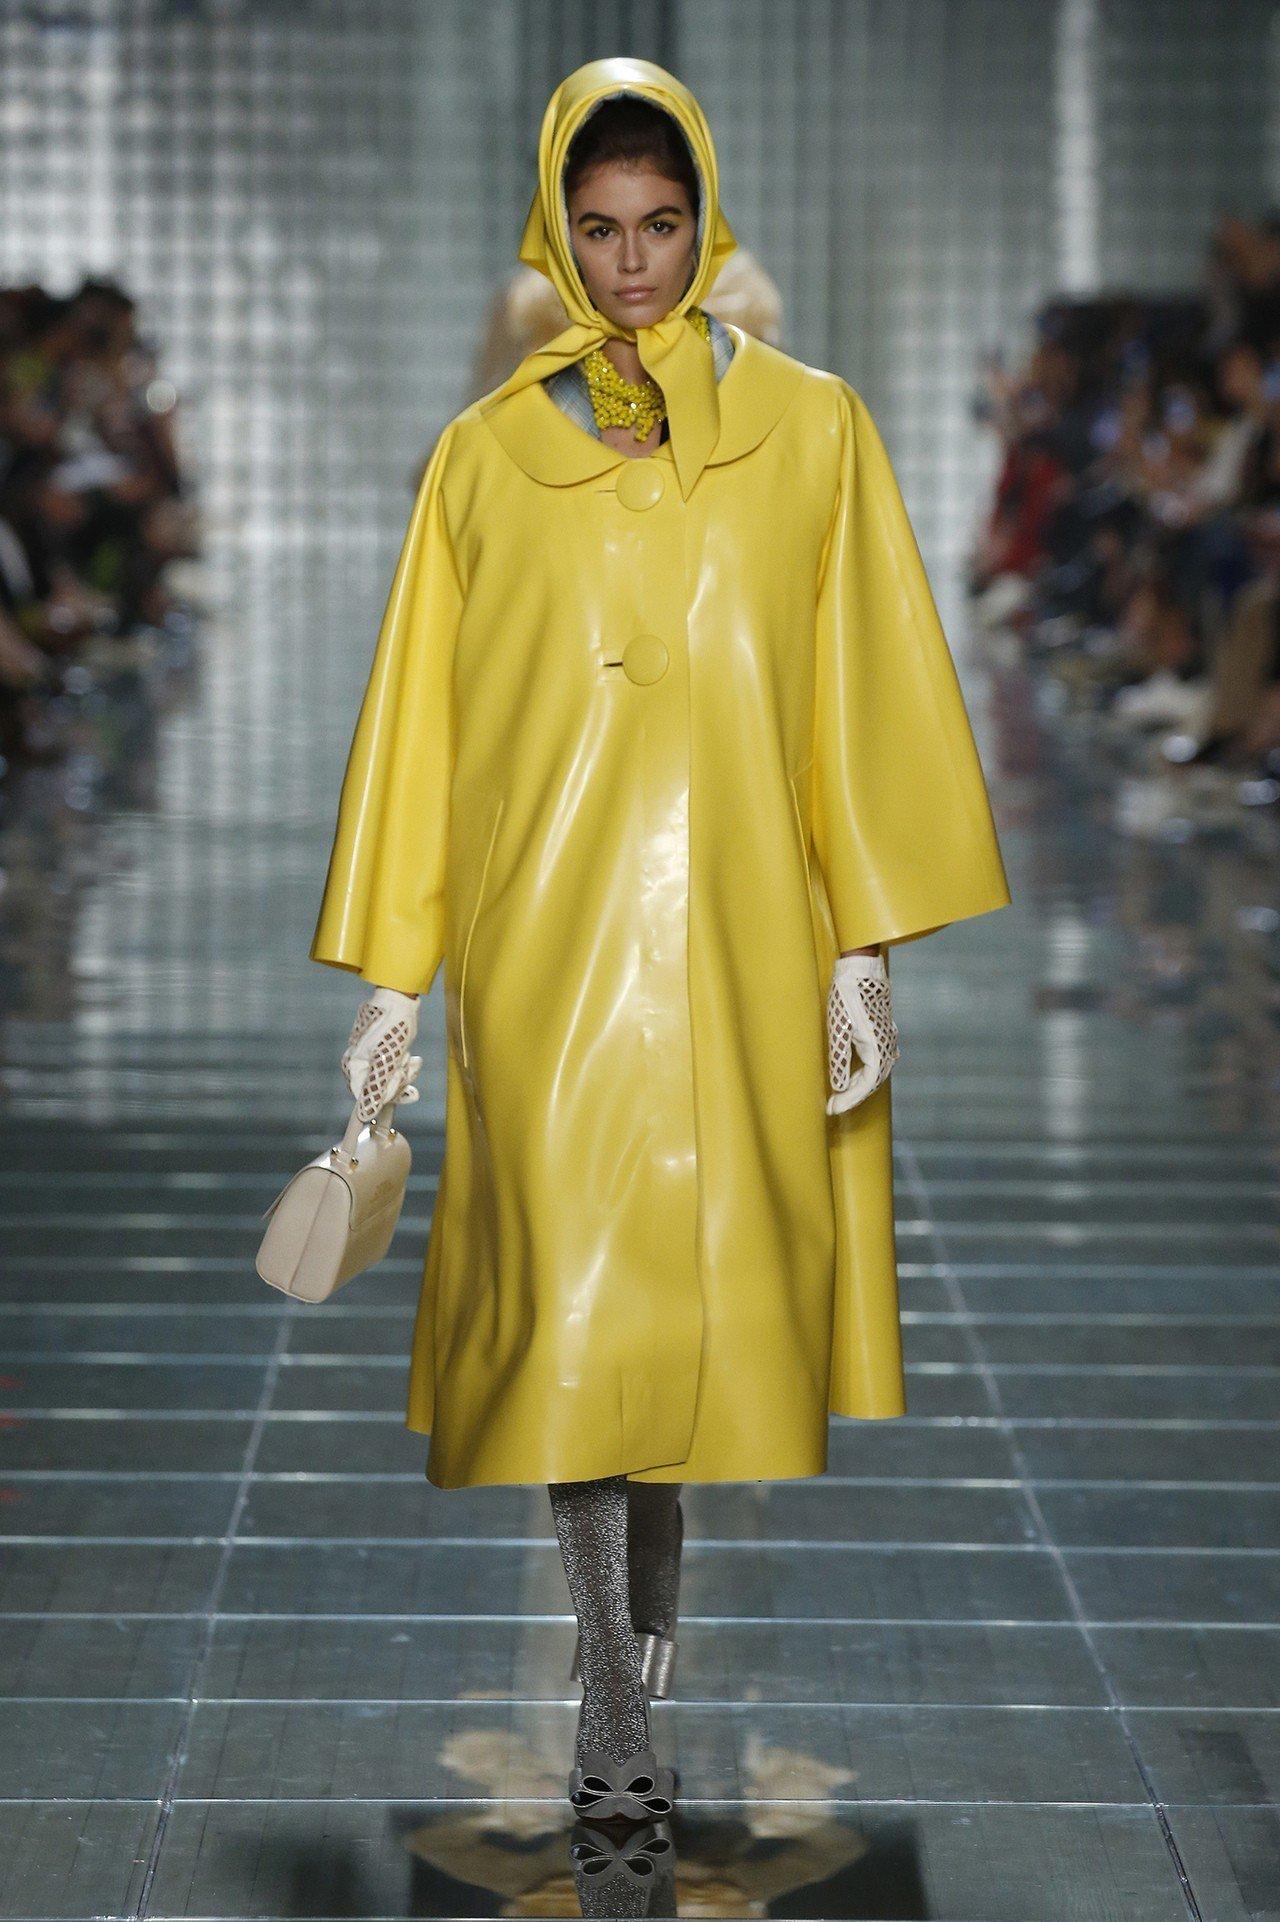 凱亞葛柏在紐約時裝周出鏡率極高,一身鮮黃服裝有復古女伶的美感。圖/MARC JA...